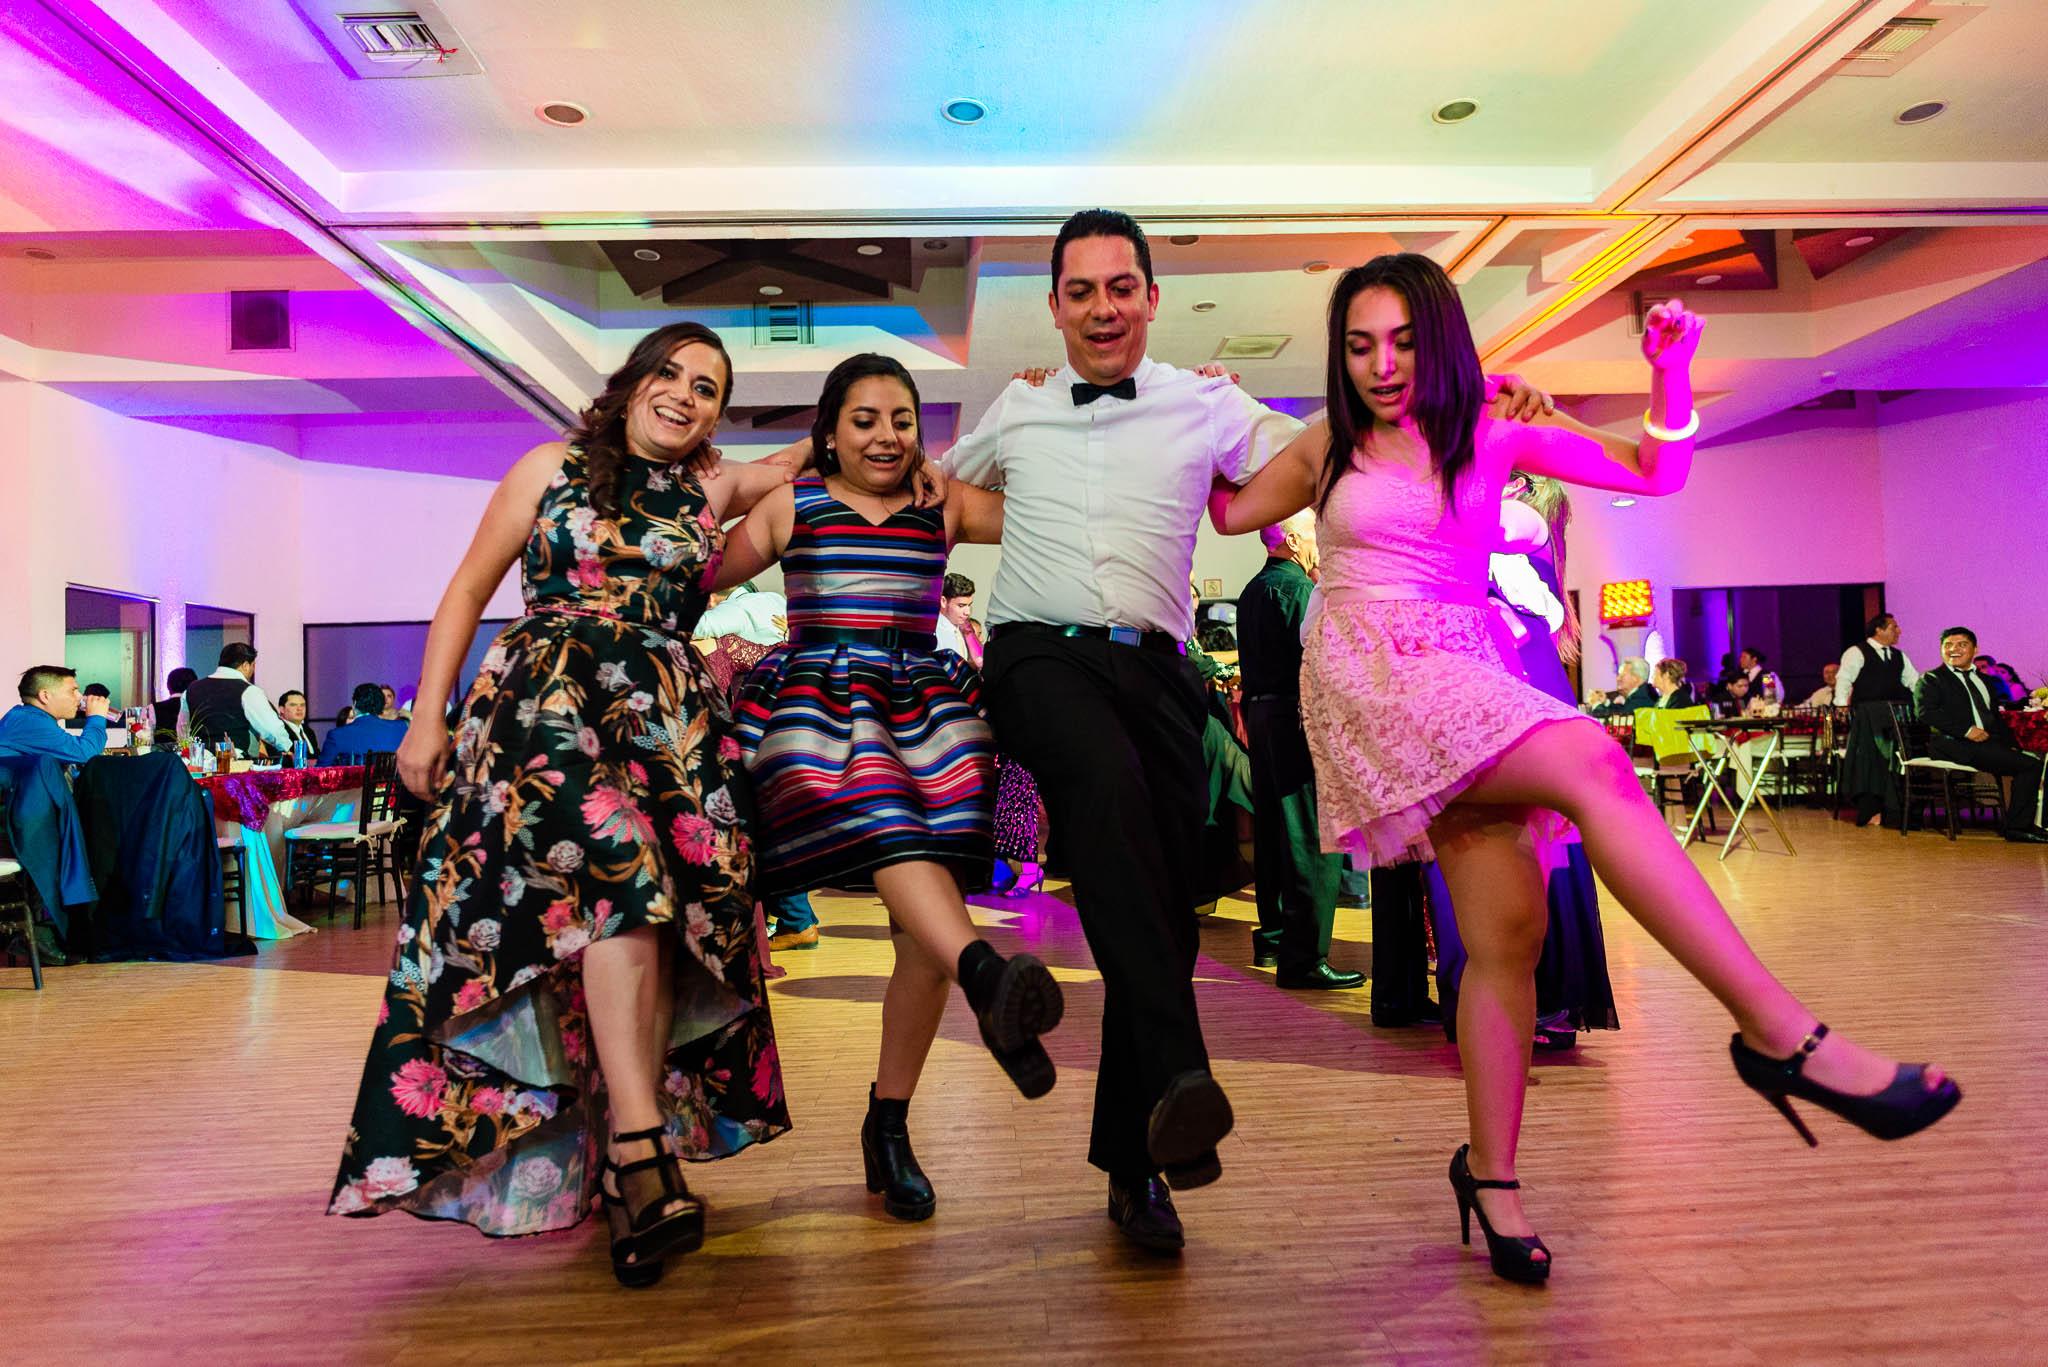 fotografo de bodas san luis potosi boda mexico wedding destination fotos de boda 237